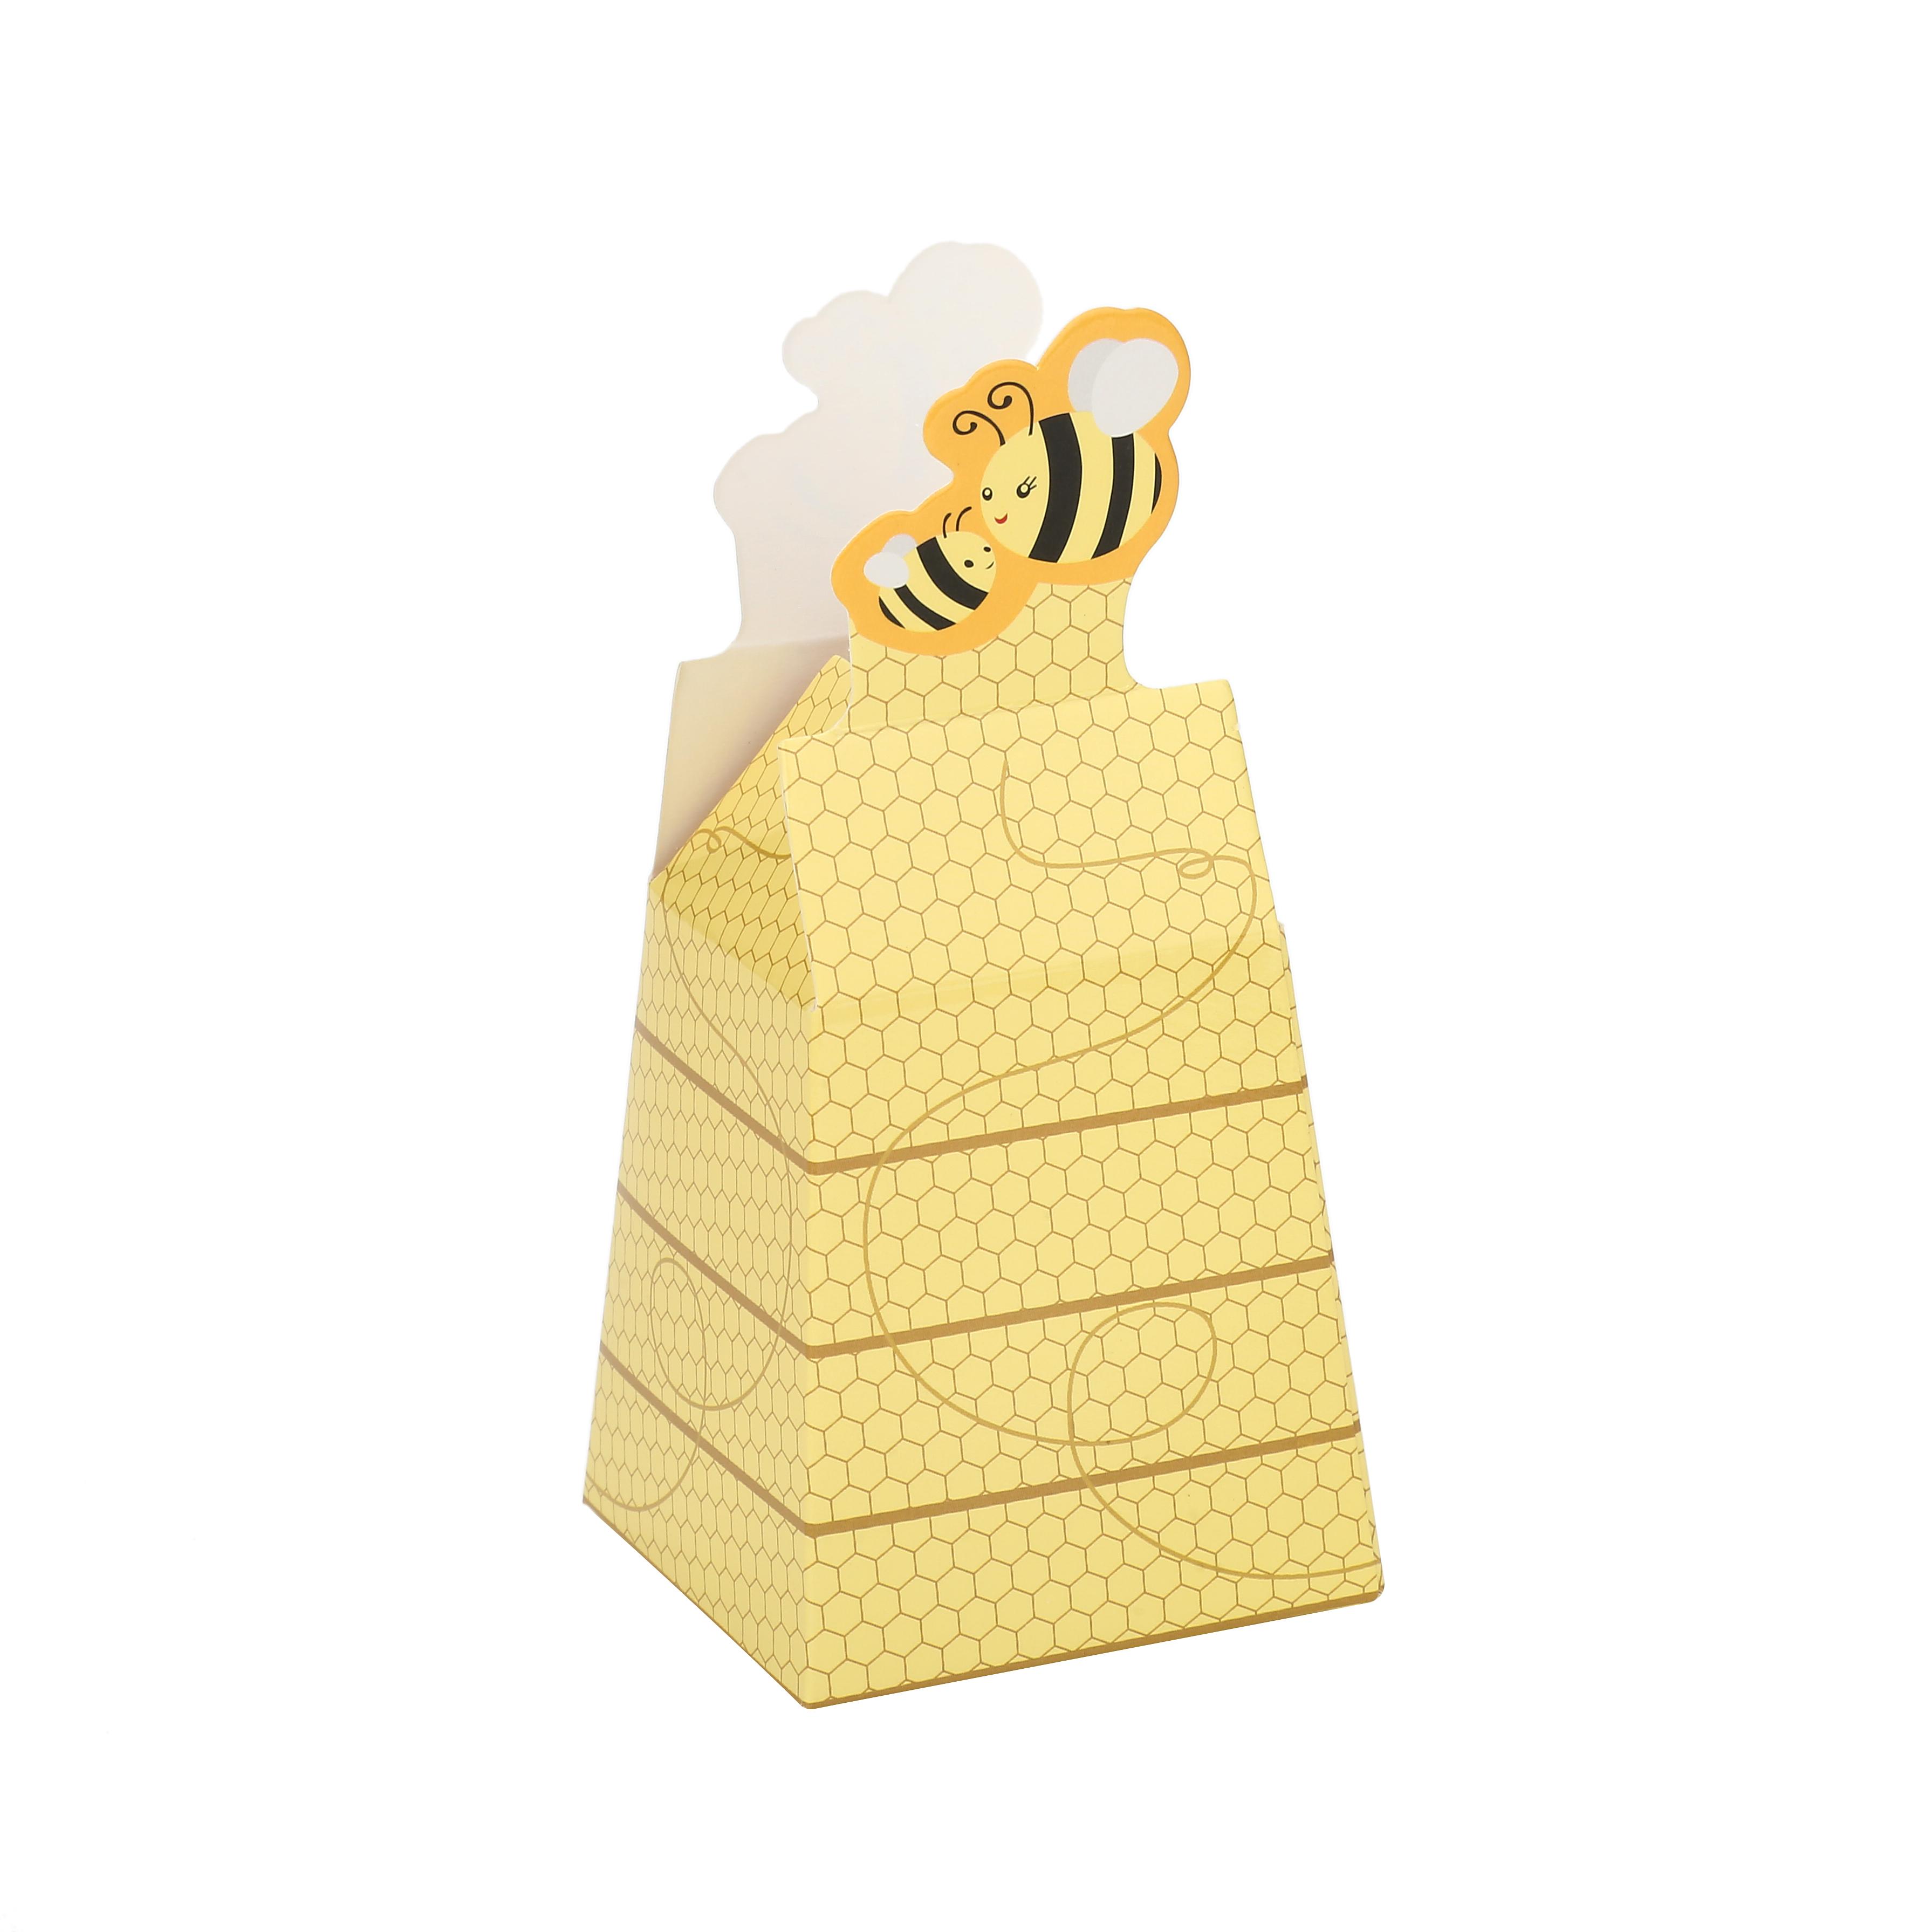 אביזרים לראש השנה - קופסאות קרטון דמוי כוורת עם דבורה א-12 (12)